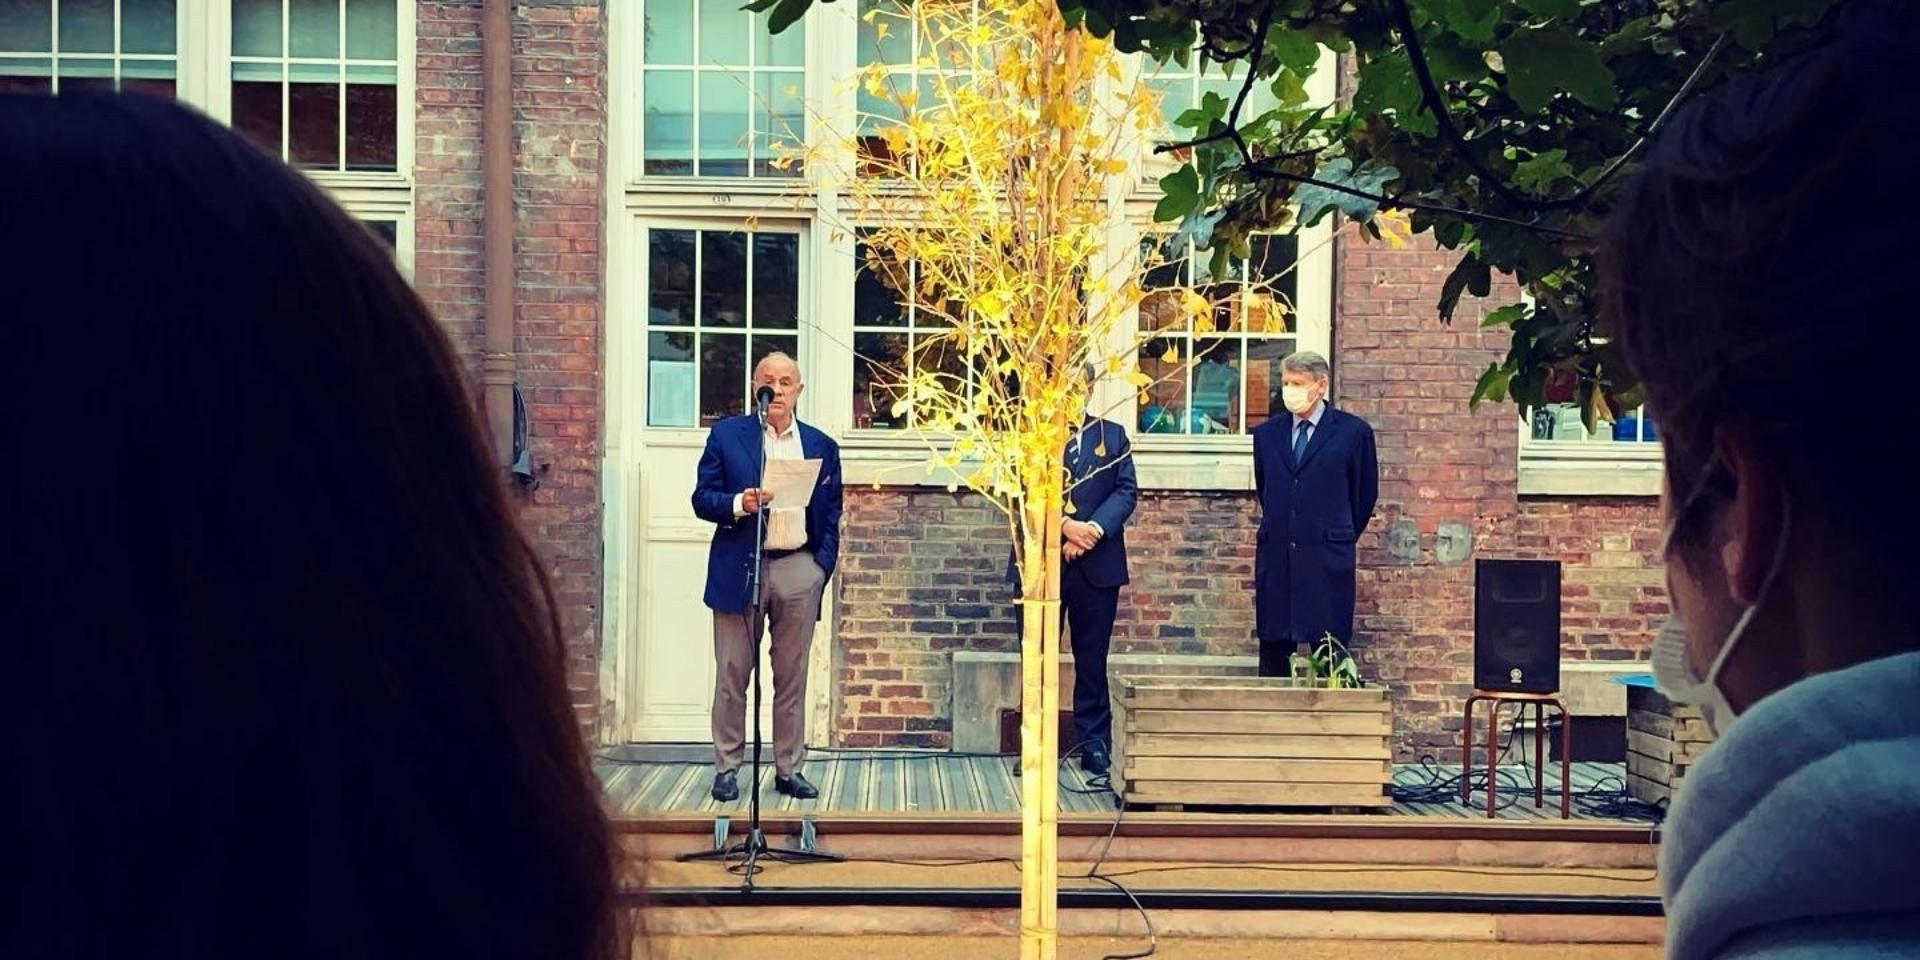 Vidéo - Inauguration de l'arbre de la liberté